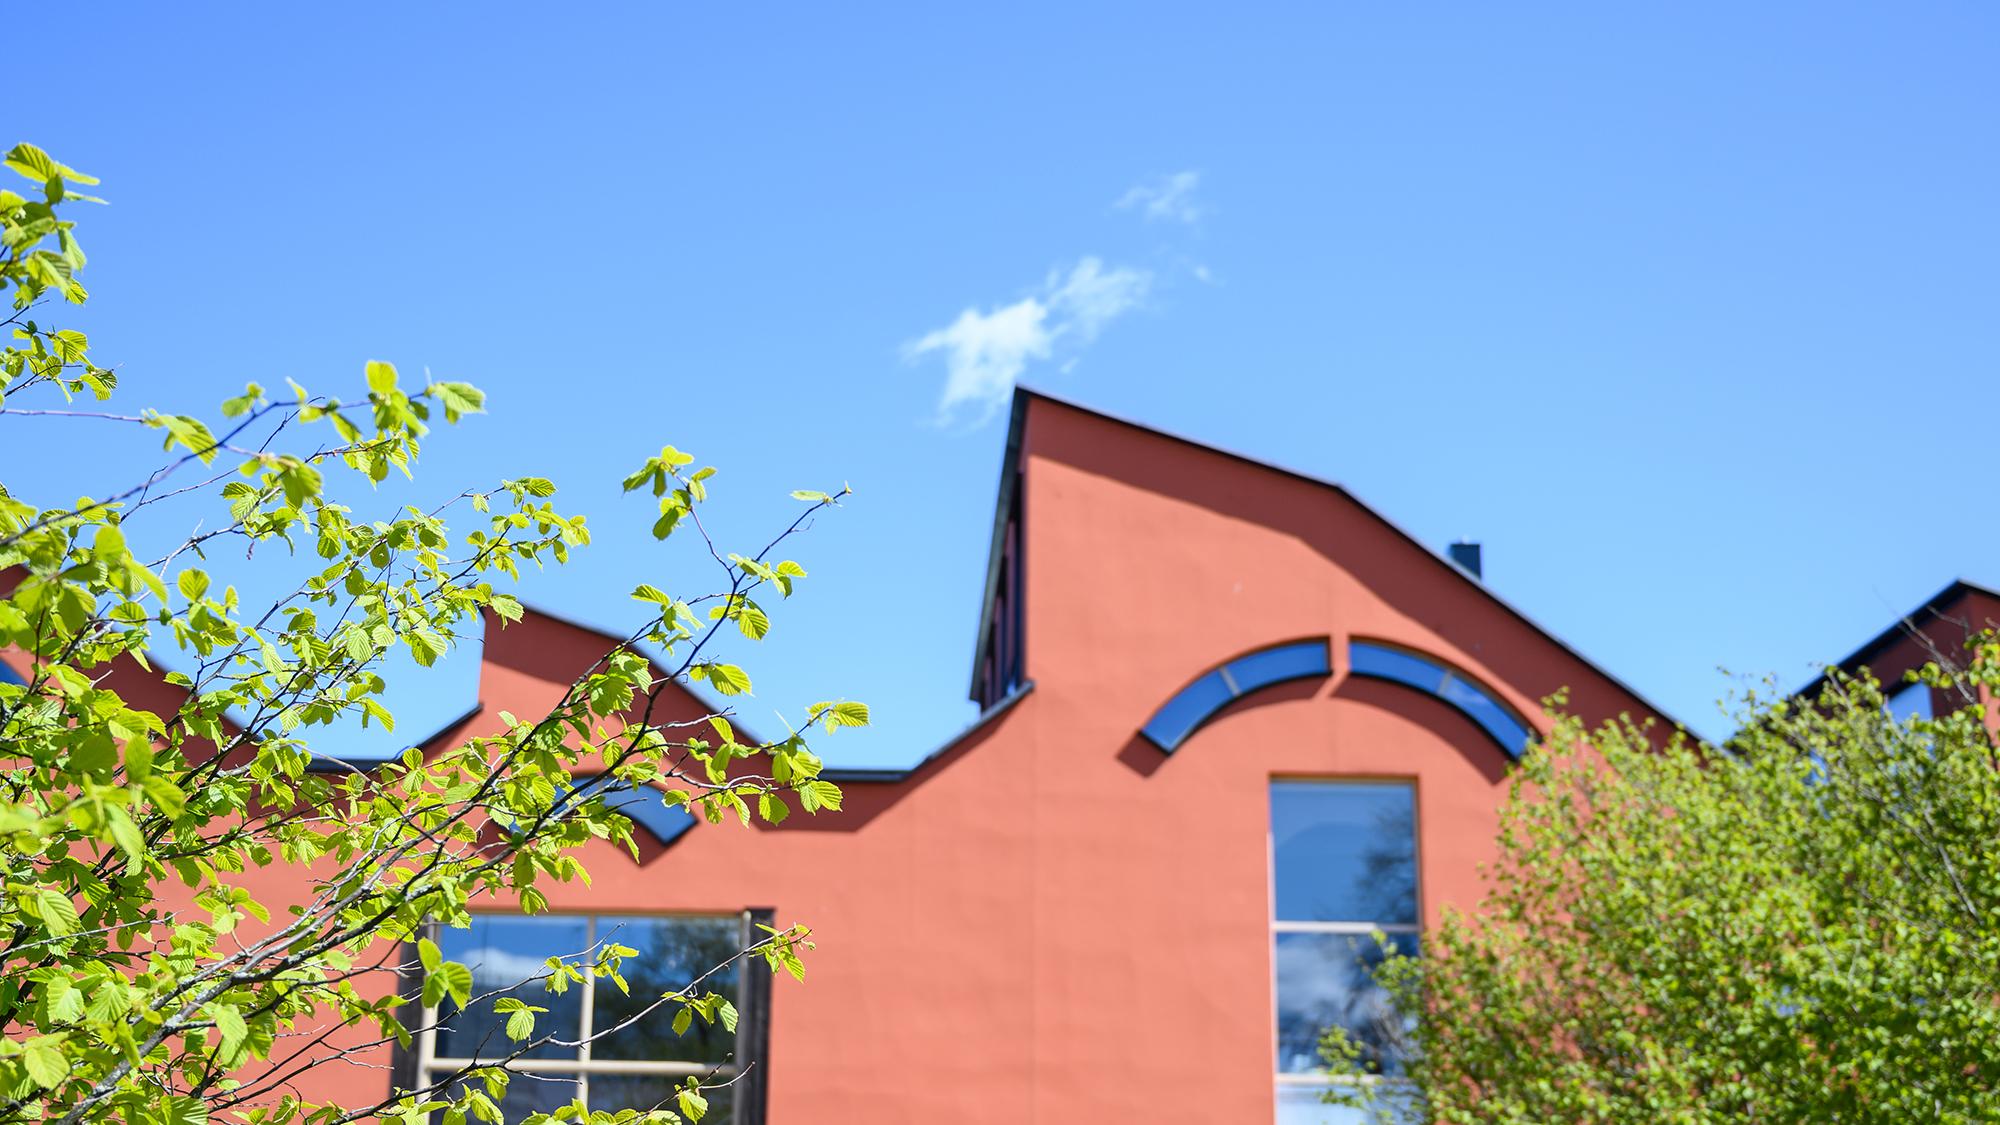 Museibyggnaden mot en blå himmel med ljusgröna kvistar i förgrunden